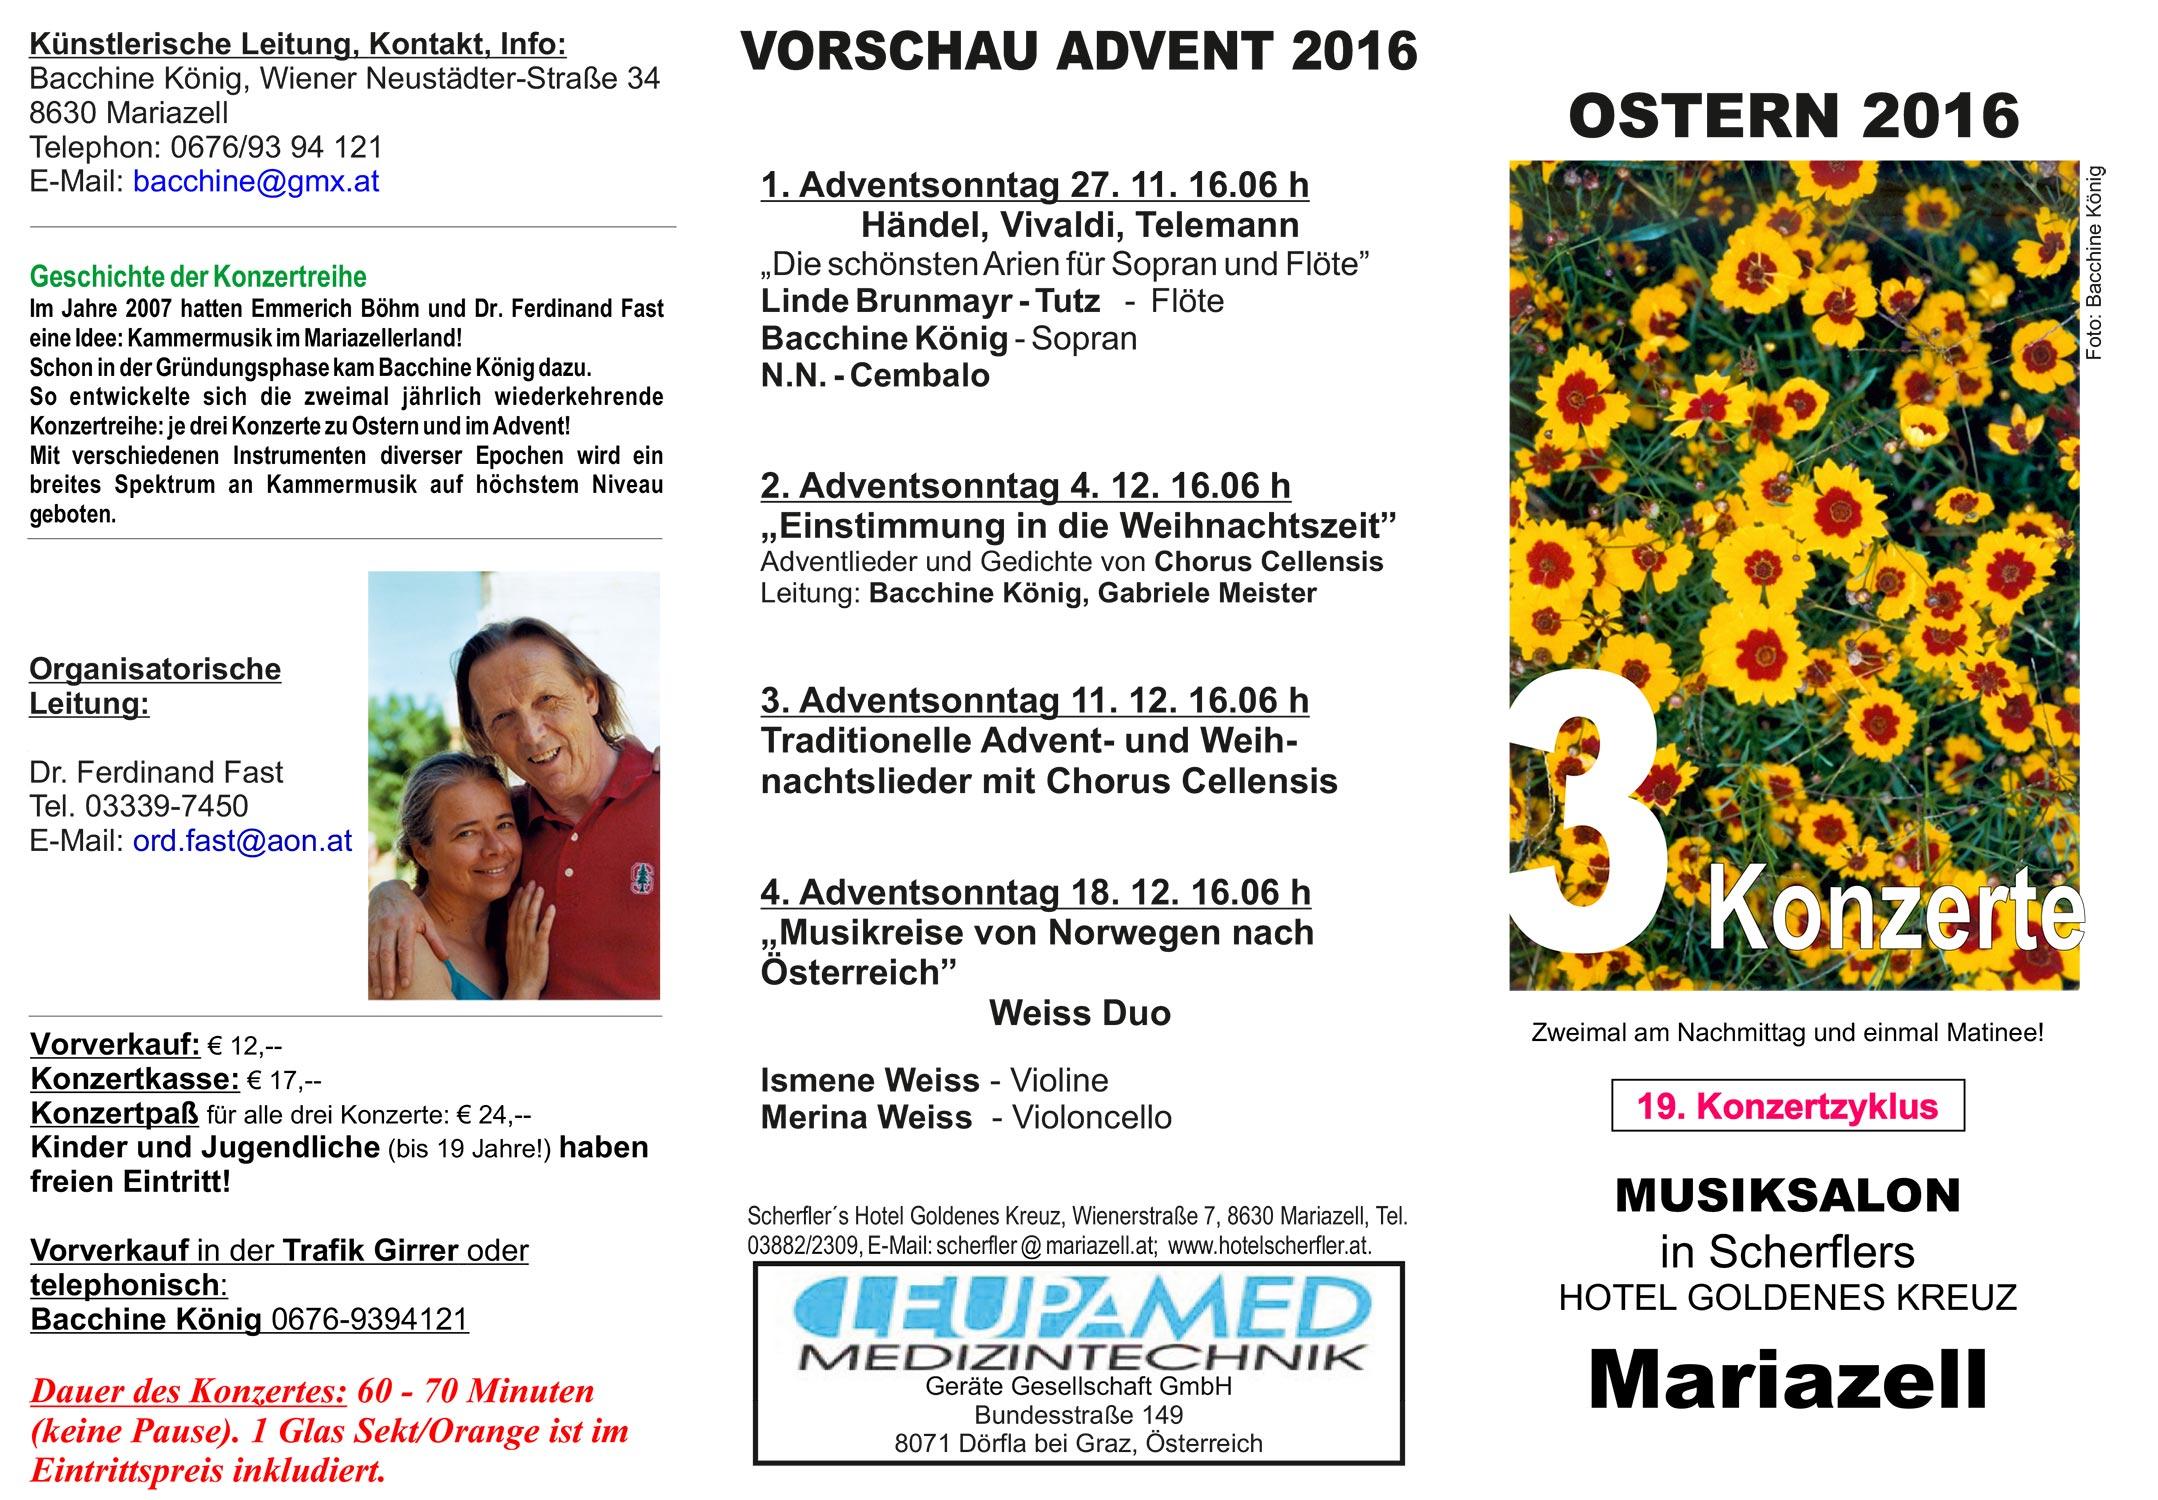 Osterkonzertzklus-Mariazell-2016